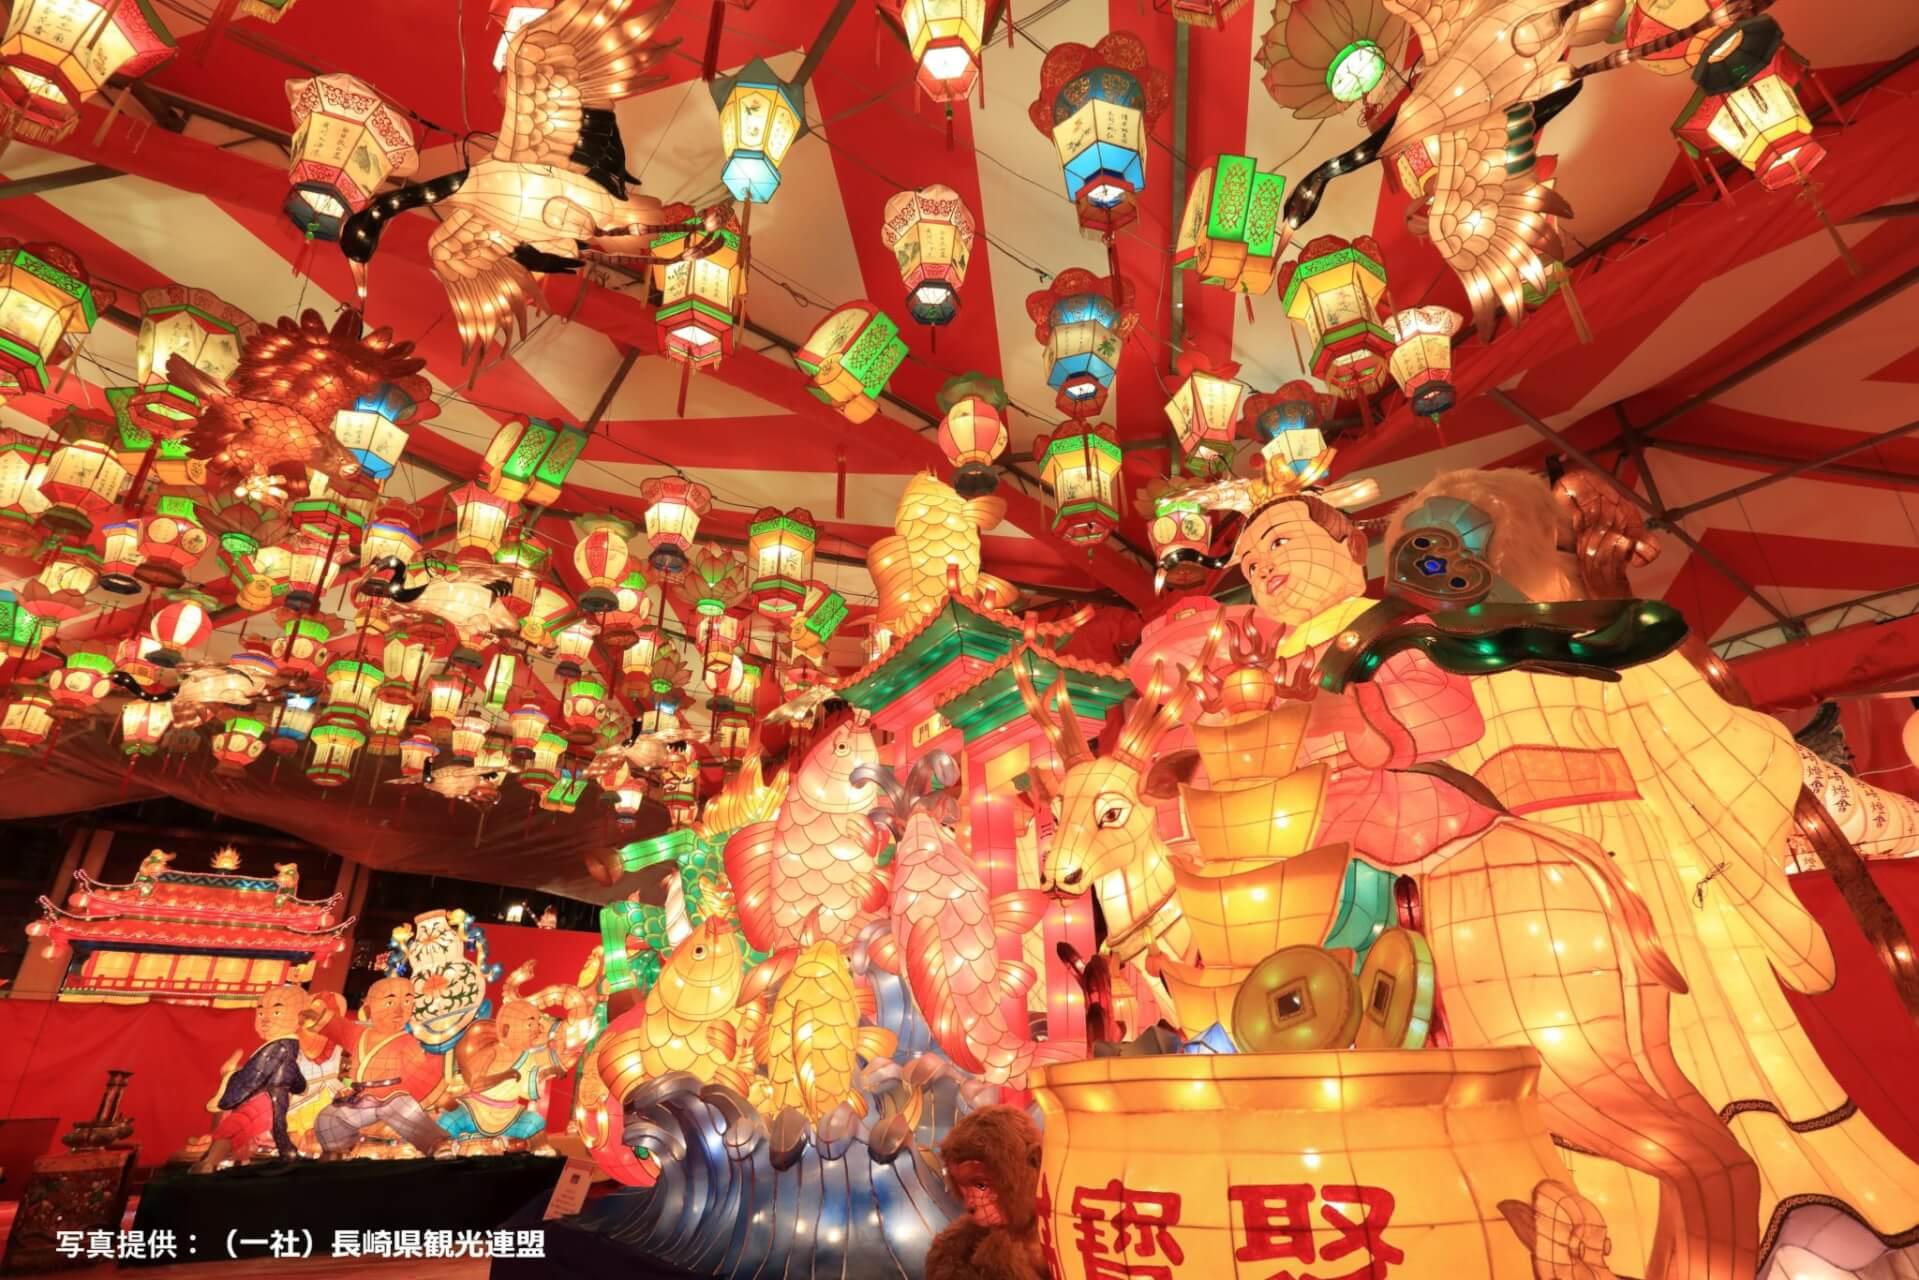 【国内・九州】 雲仙温泉に泊まる 異国情緒あふれる長崎の歴史散歩